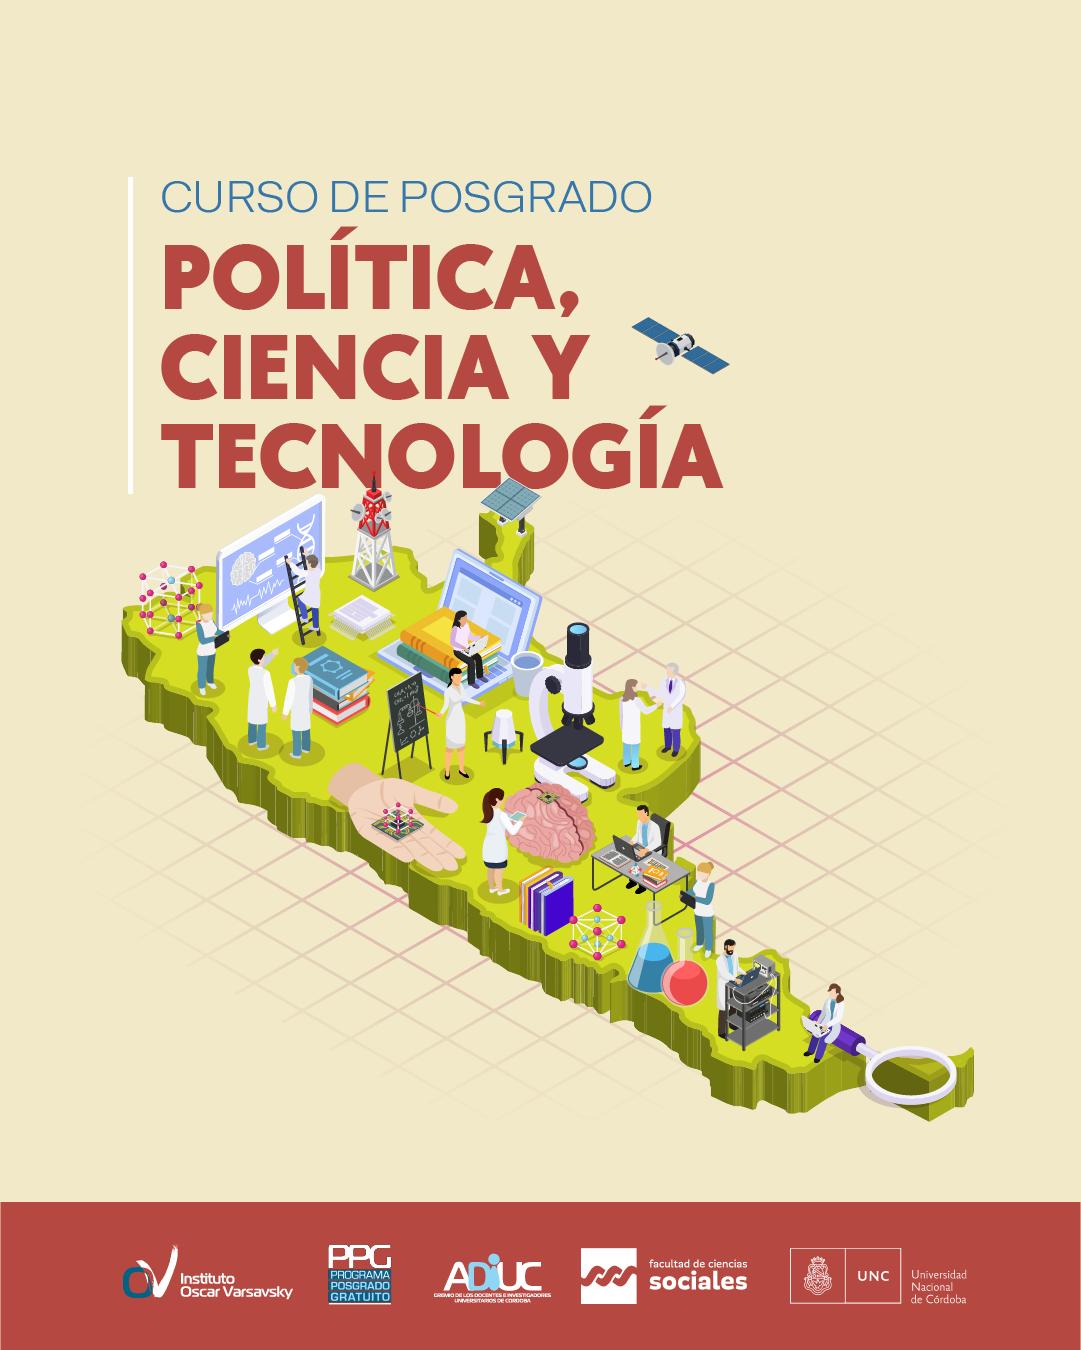 POLÍTICA, CIENCIA Y TECNOLOGÍA – Curso De Posgrado Gratuito